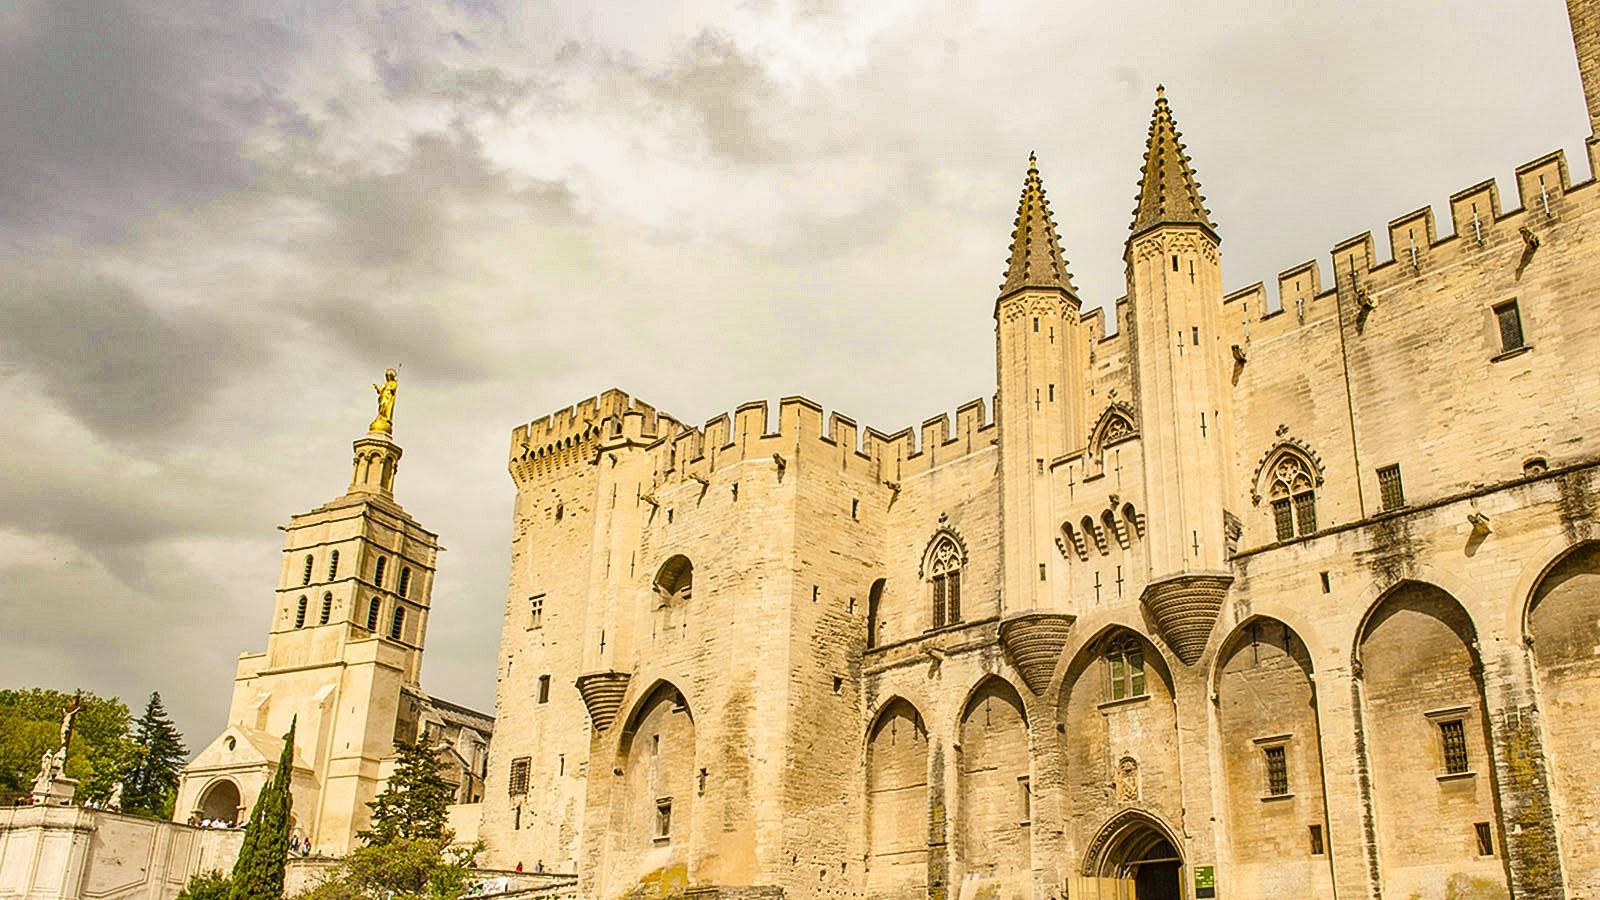 Eine Festung der Glaubens-Macht: der Papstpalast von Avignon. Foto: Hilke Maunder